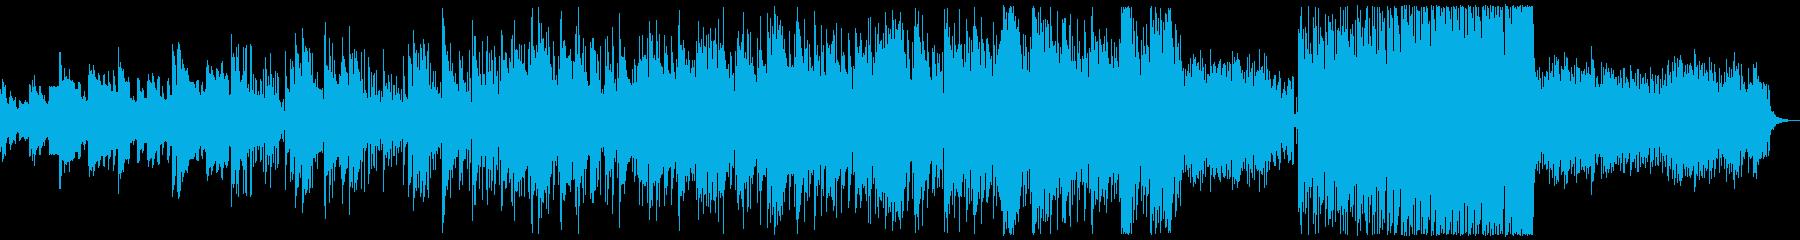 緩やかに盛り上がるピアノセンチメンタル曲の再生済みの波形